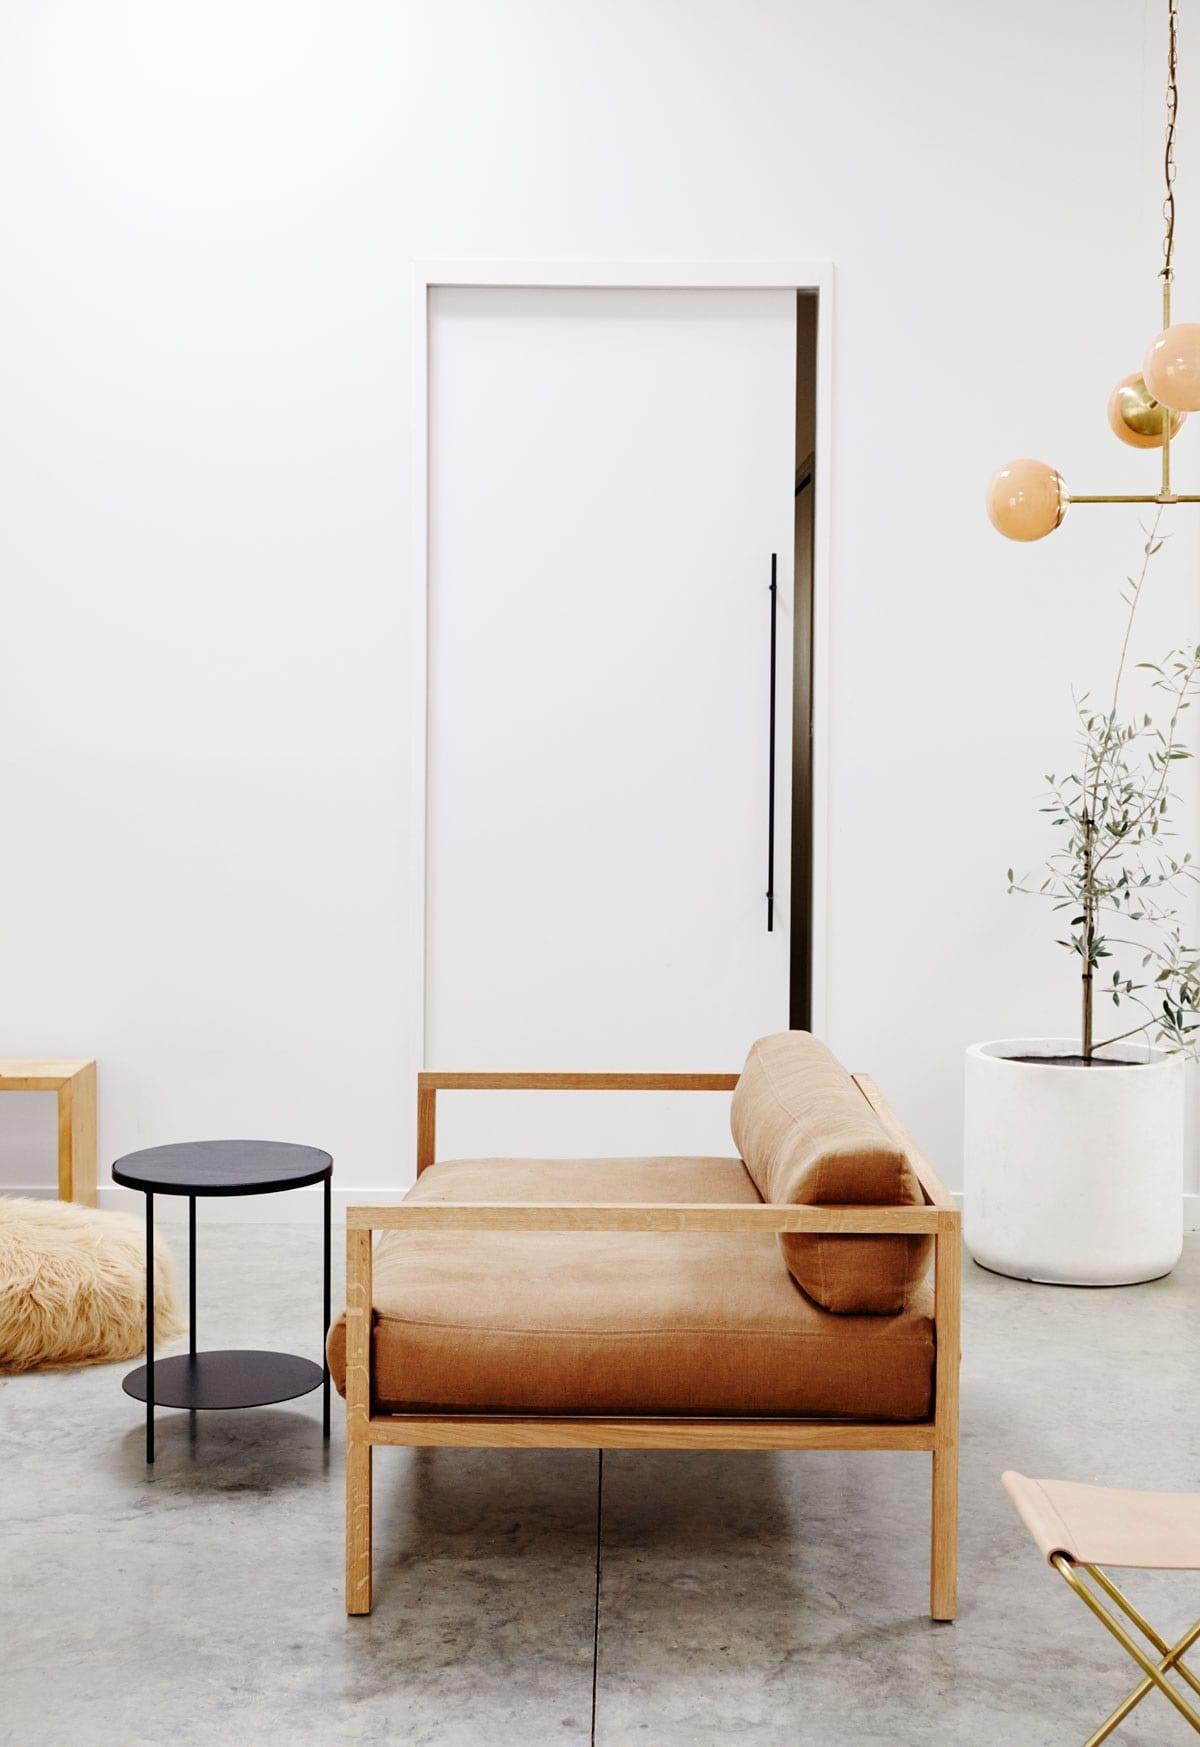 New Zealand Home by Douglas and Bec Design Studio – Design. / Visual.